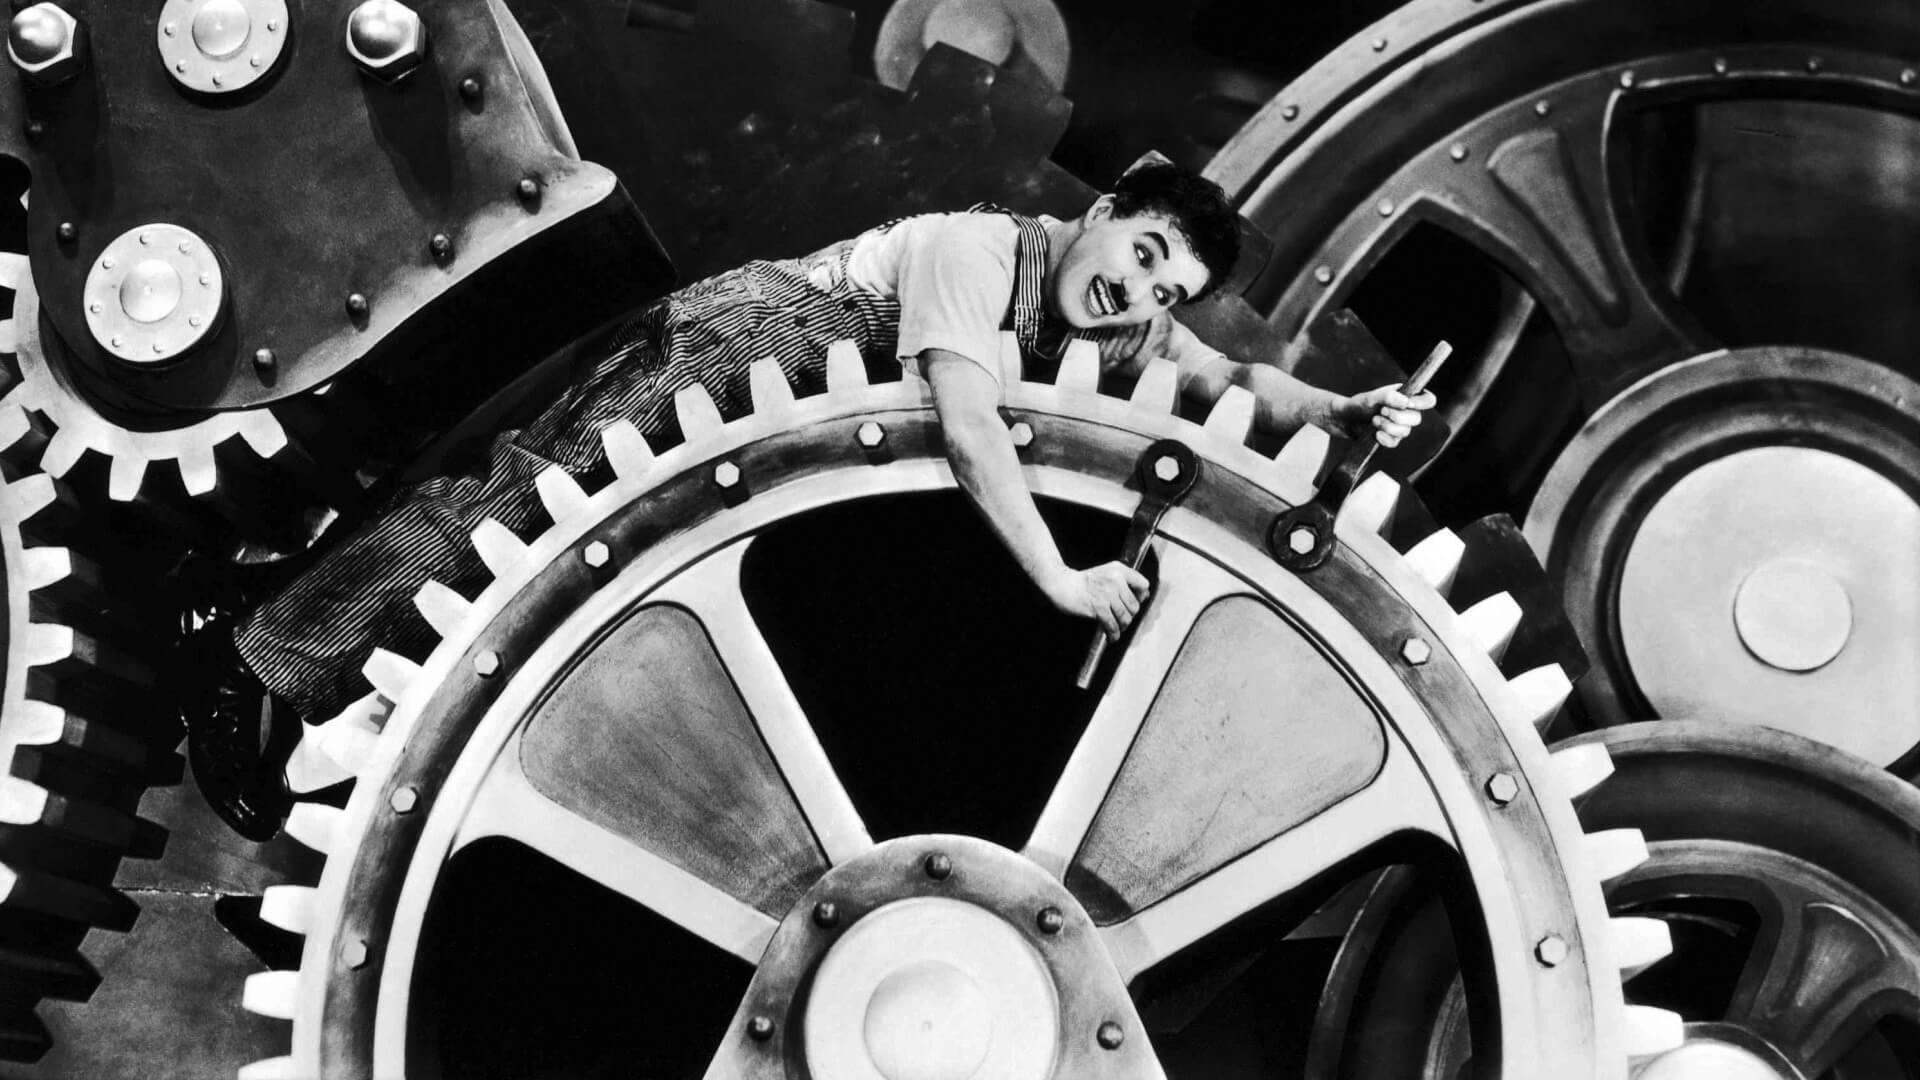 """ב5 בפברואר 1936 הוקרן לראשונה הסרט האנטי קפיטליסטי """"זמנים מודרנים"""" של צ'רלי צ'אפלין"""